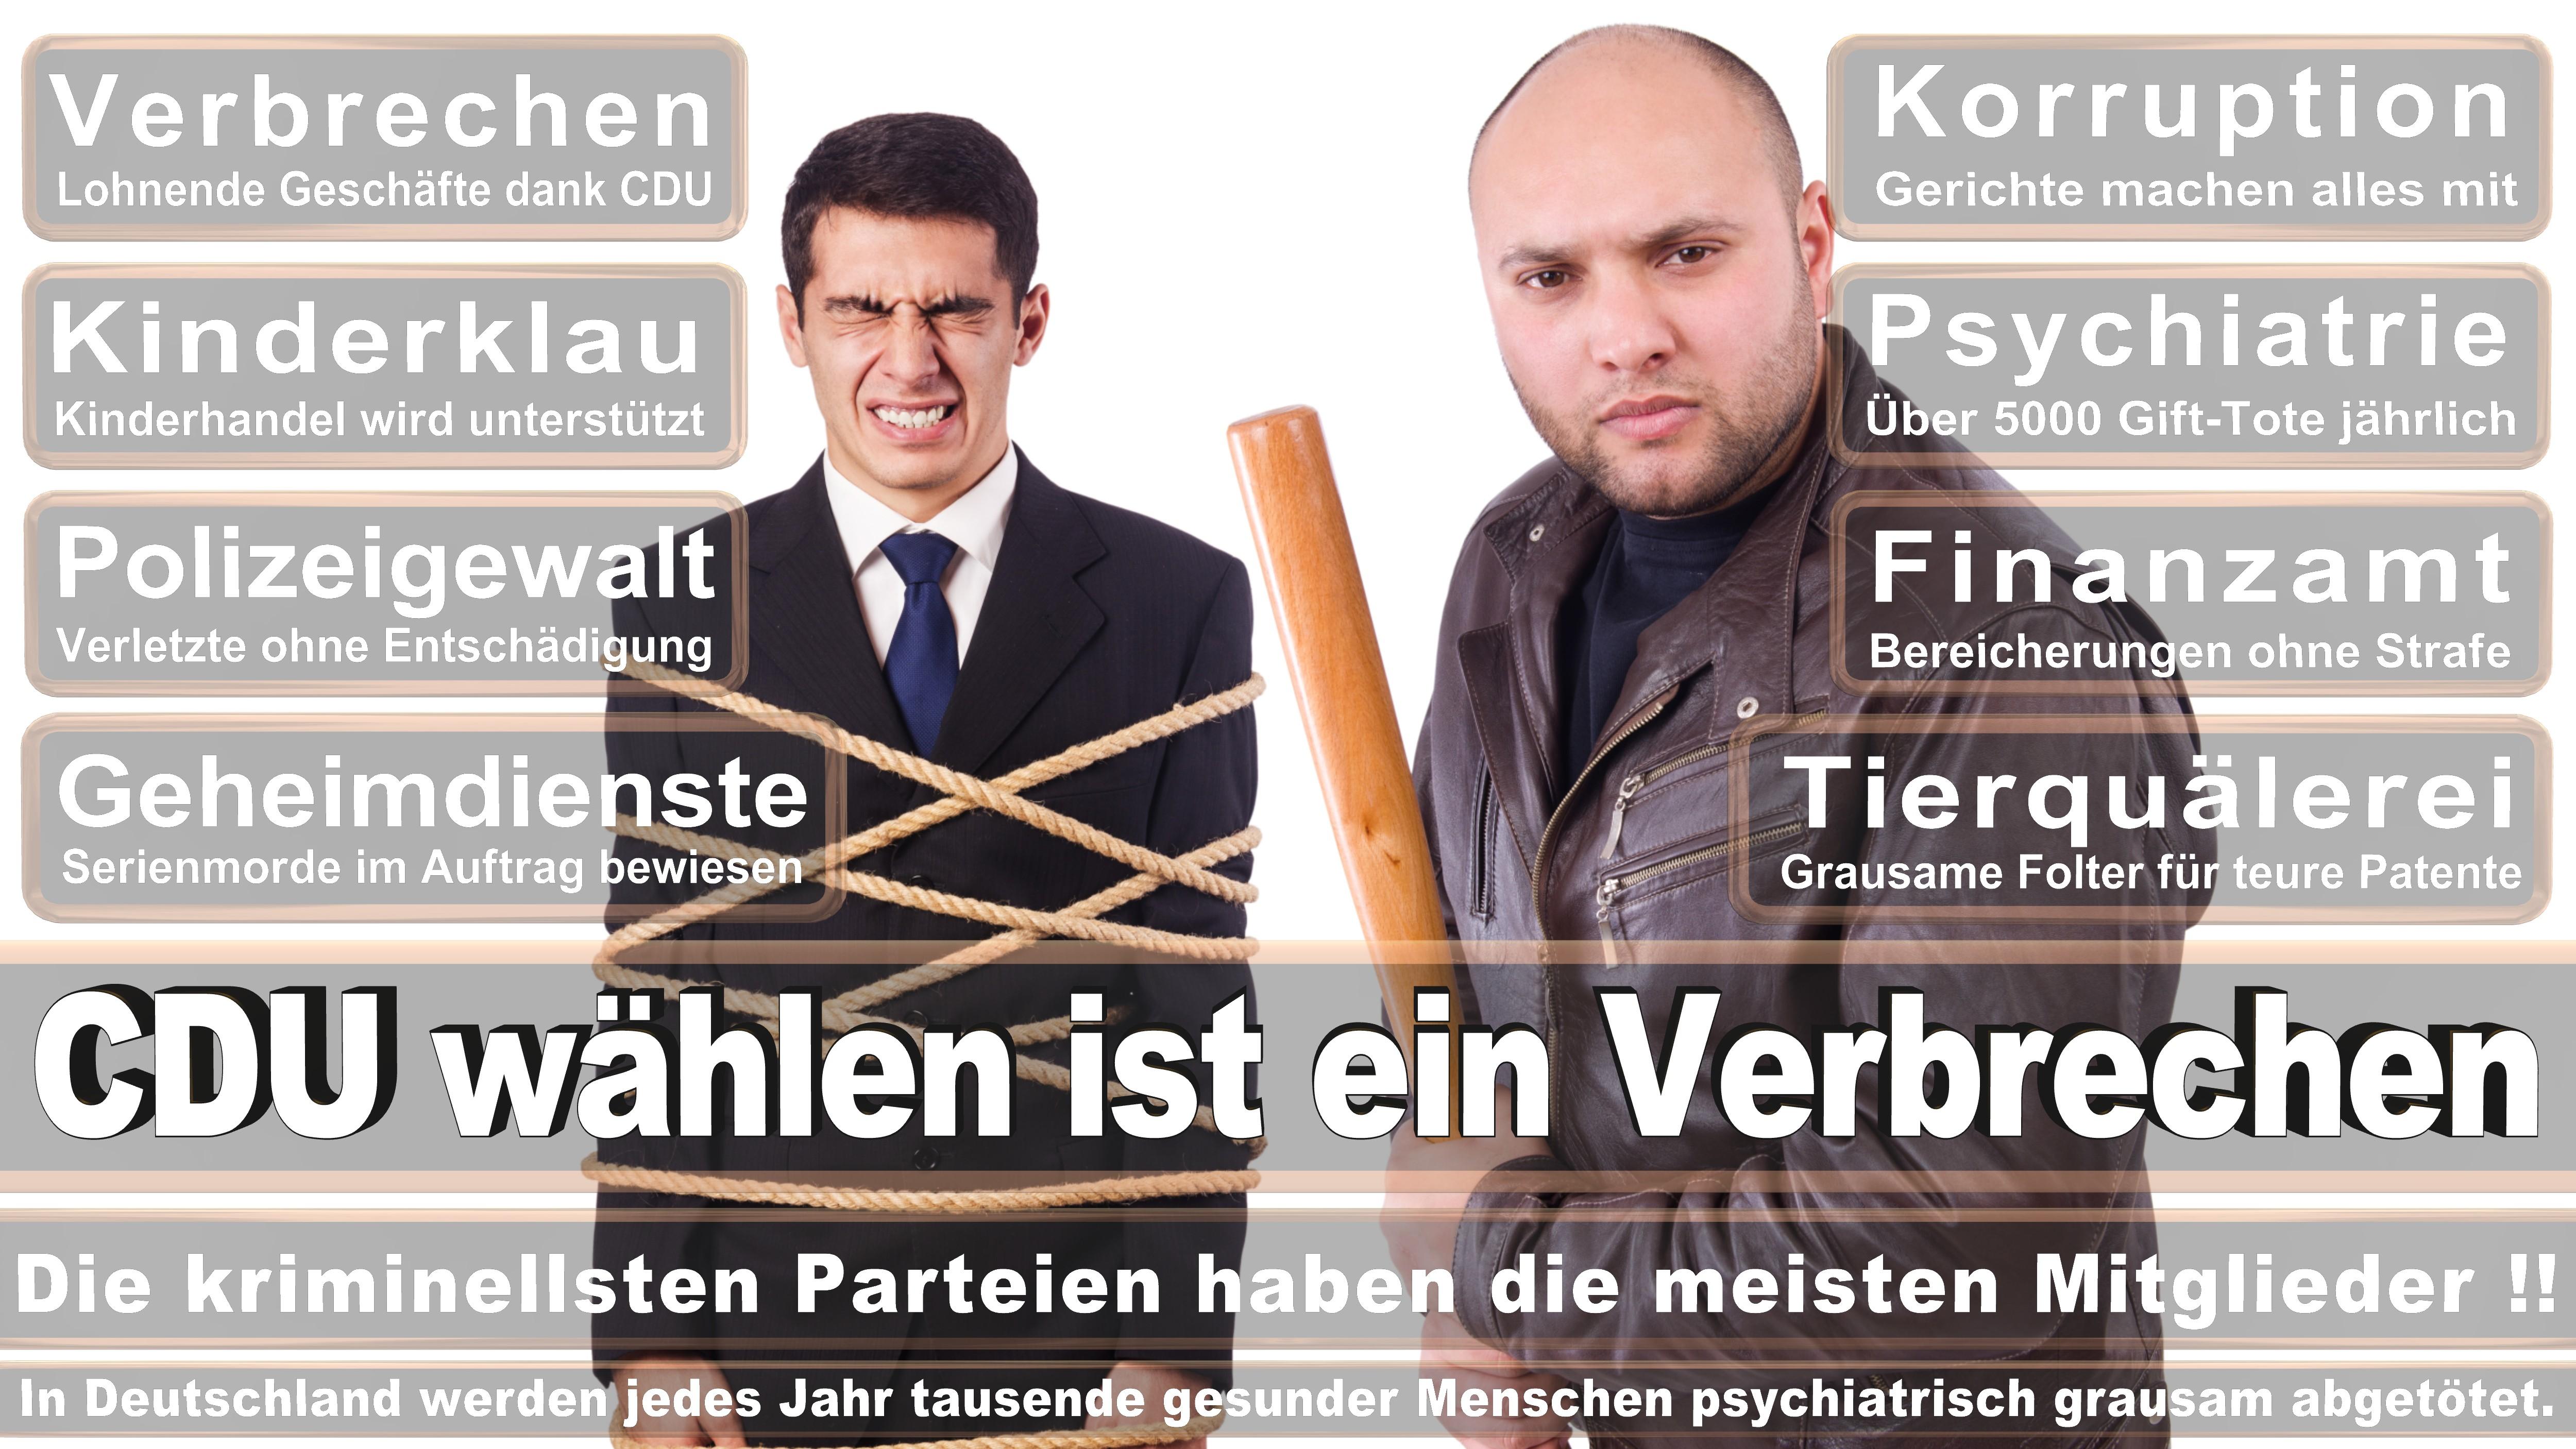 Andrej Hunko DIE LINKE Nordrhein Westfalen Politiker Deutschland